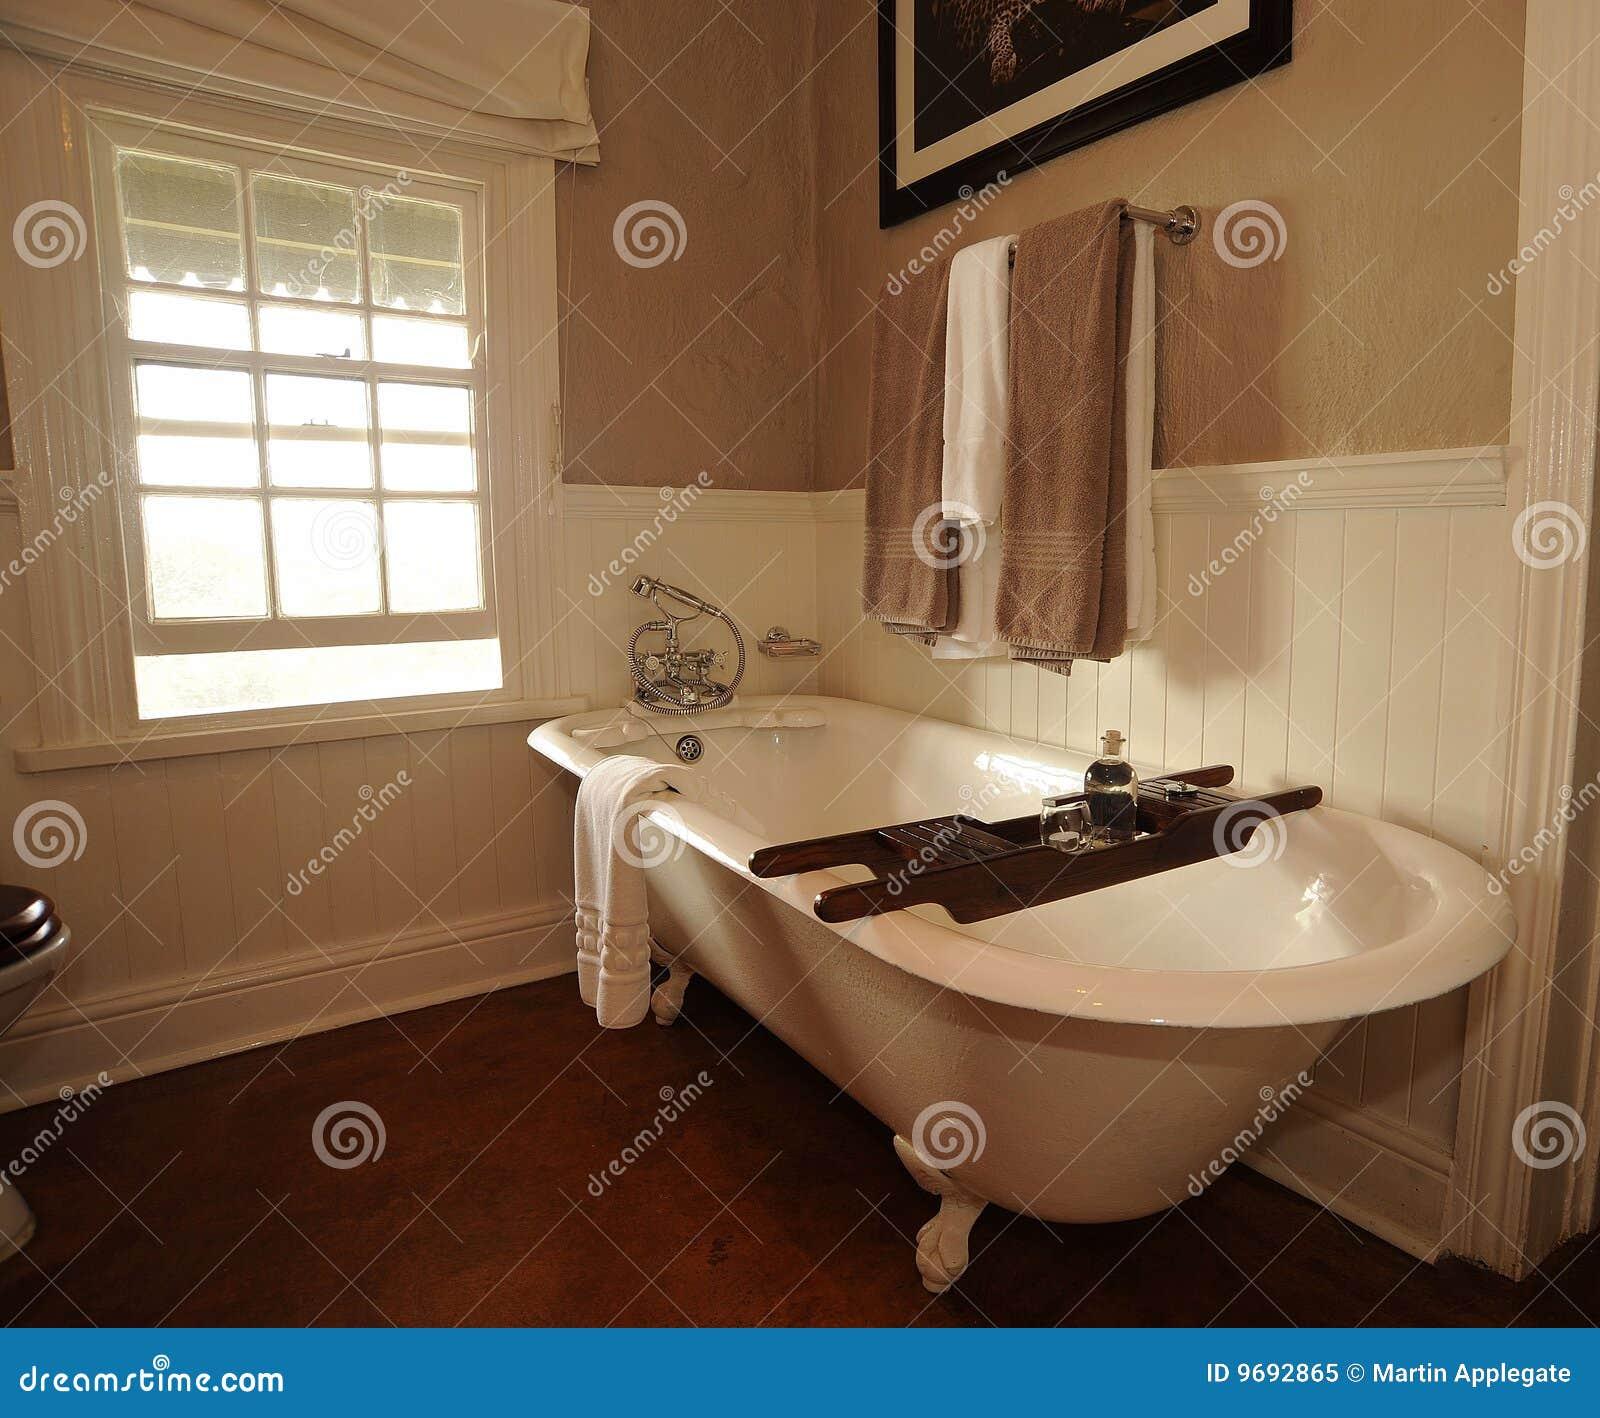 Banheiro Com Banheira Foto de Stock Royalty Free Imagem: 9692865 #86AC1F 1300 1169